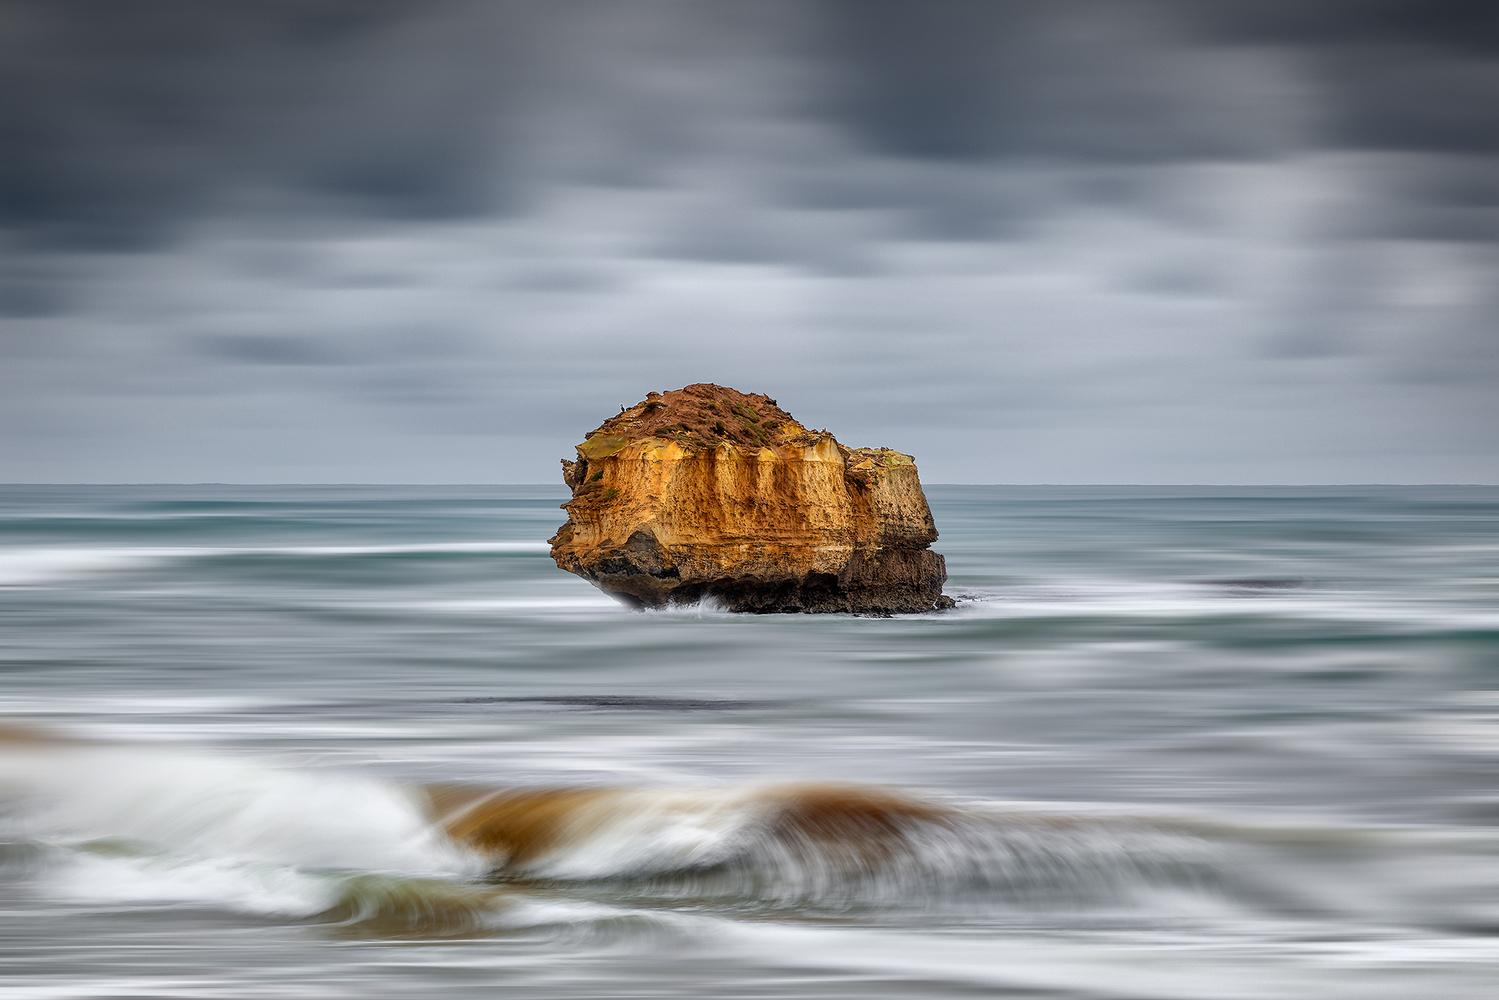 Ever Changing Coastline by Kieran Stone